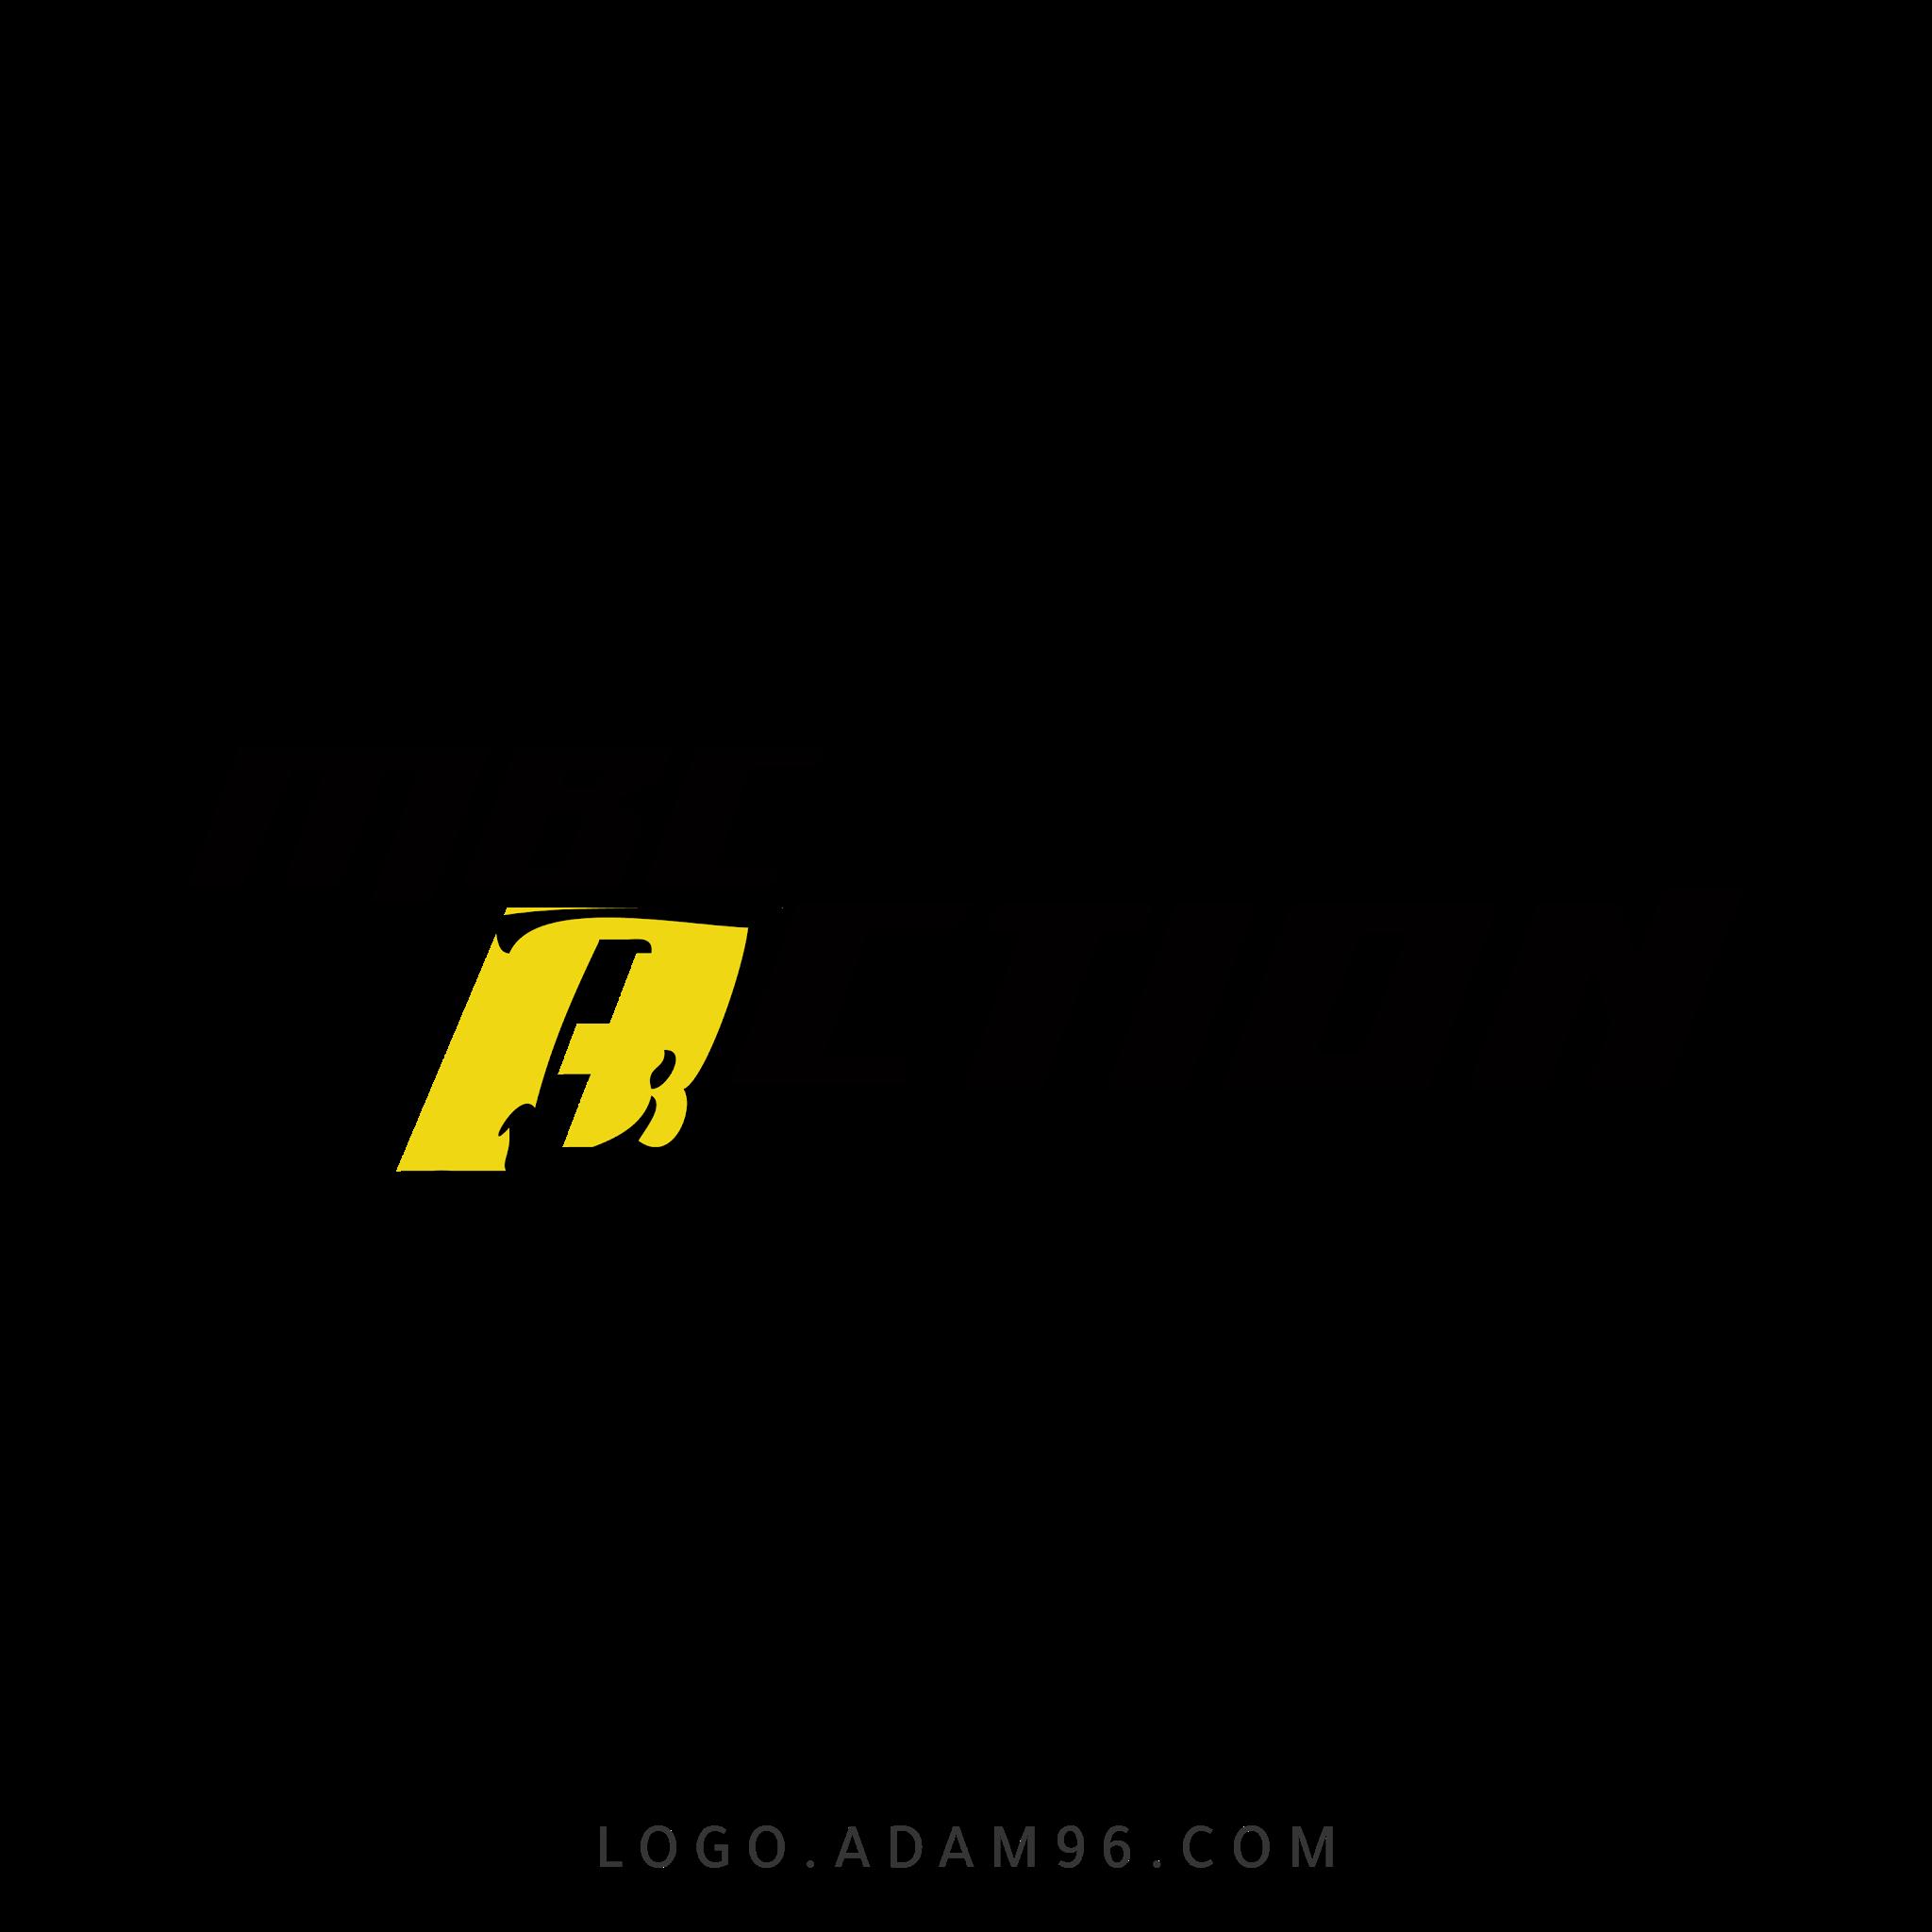 تحميل شعار قناة ام بي سي اكشن لوجو رسمي Logo MBC Action PNG